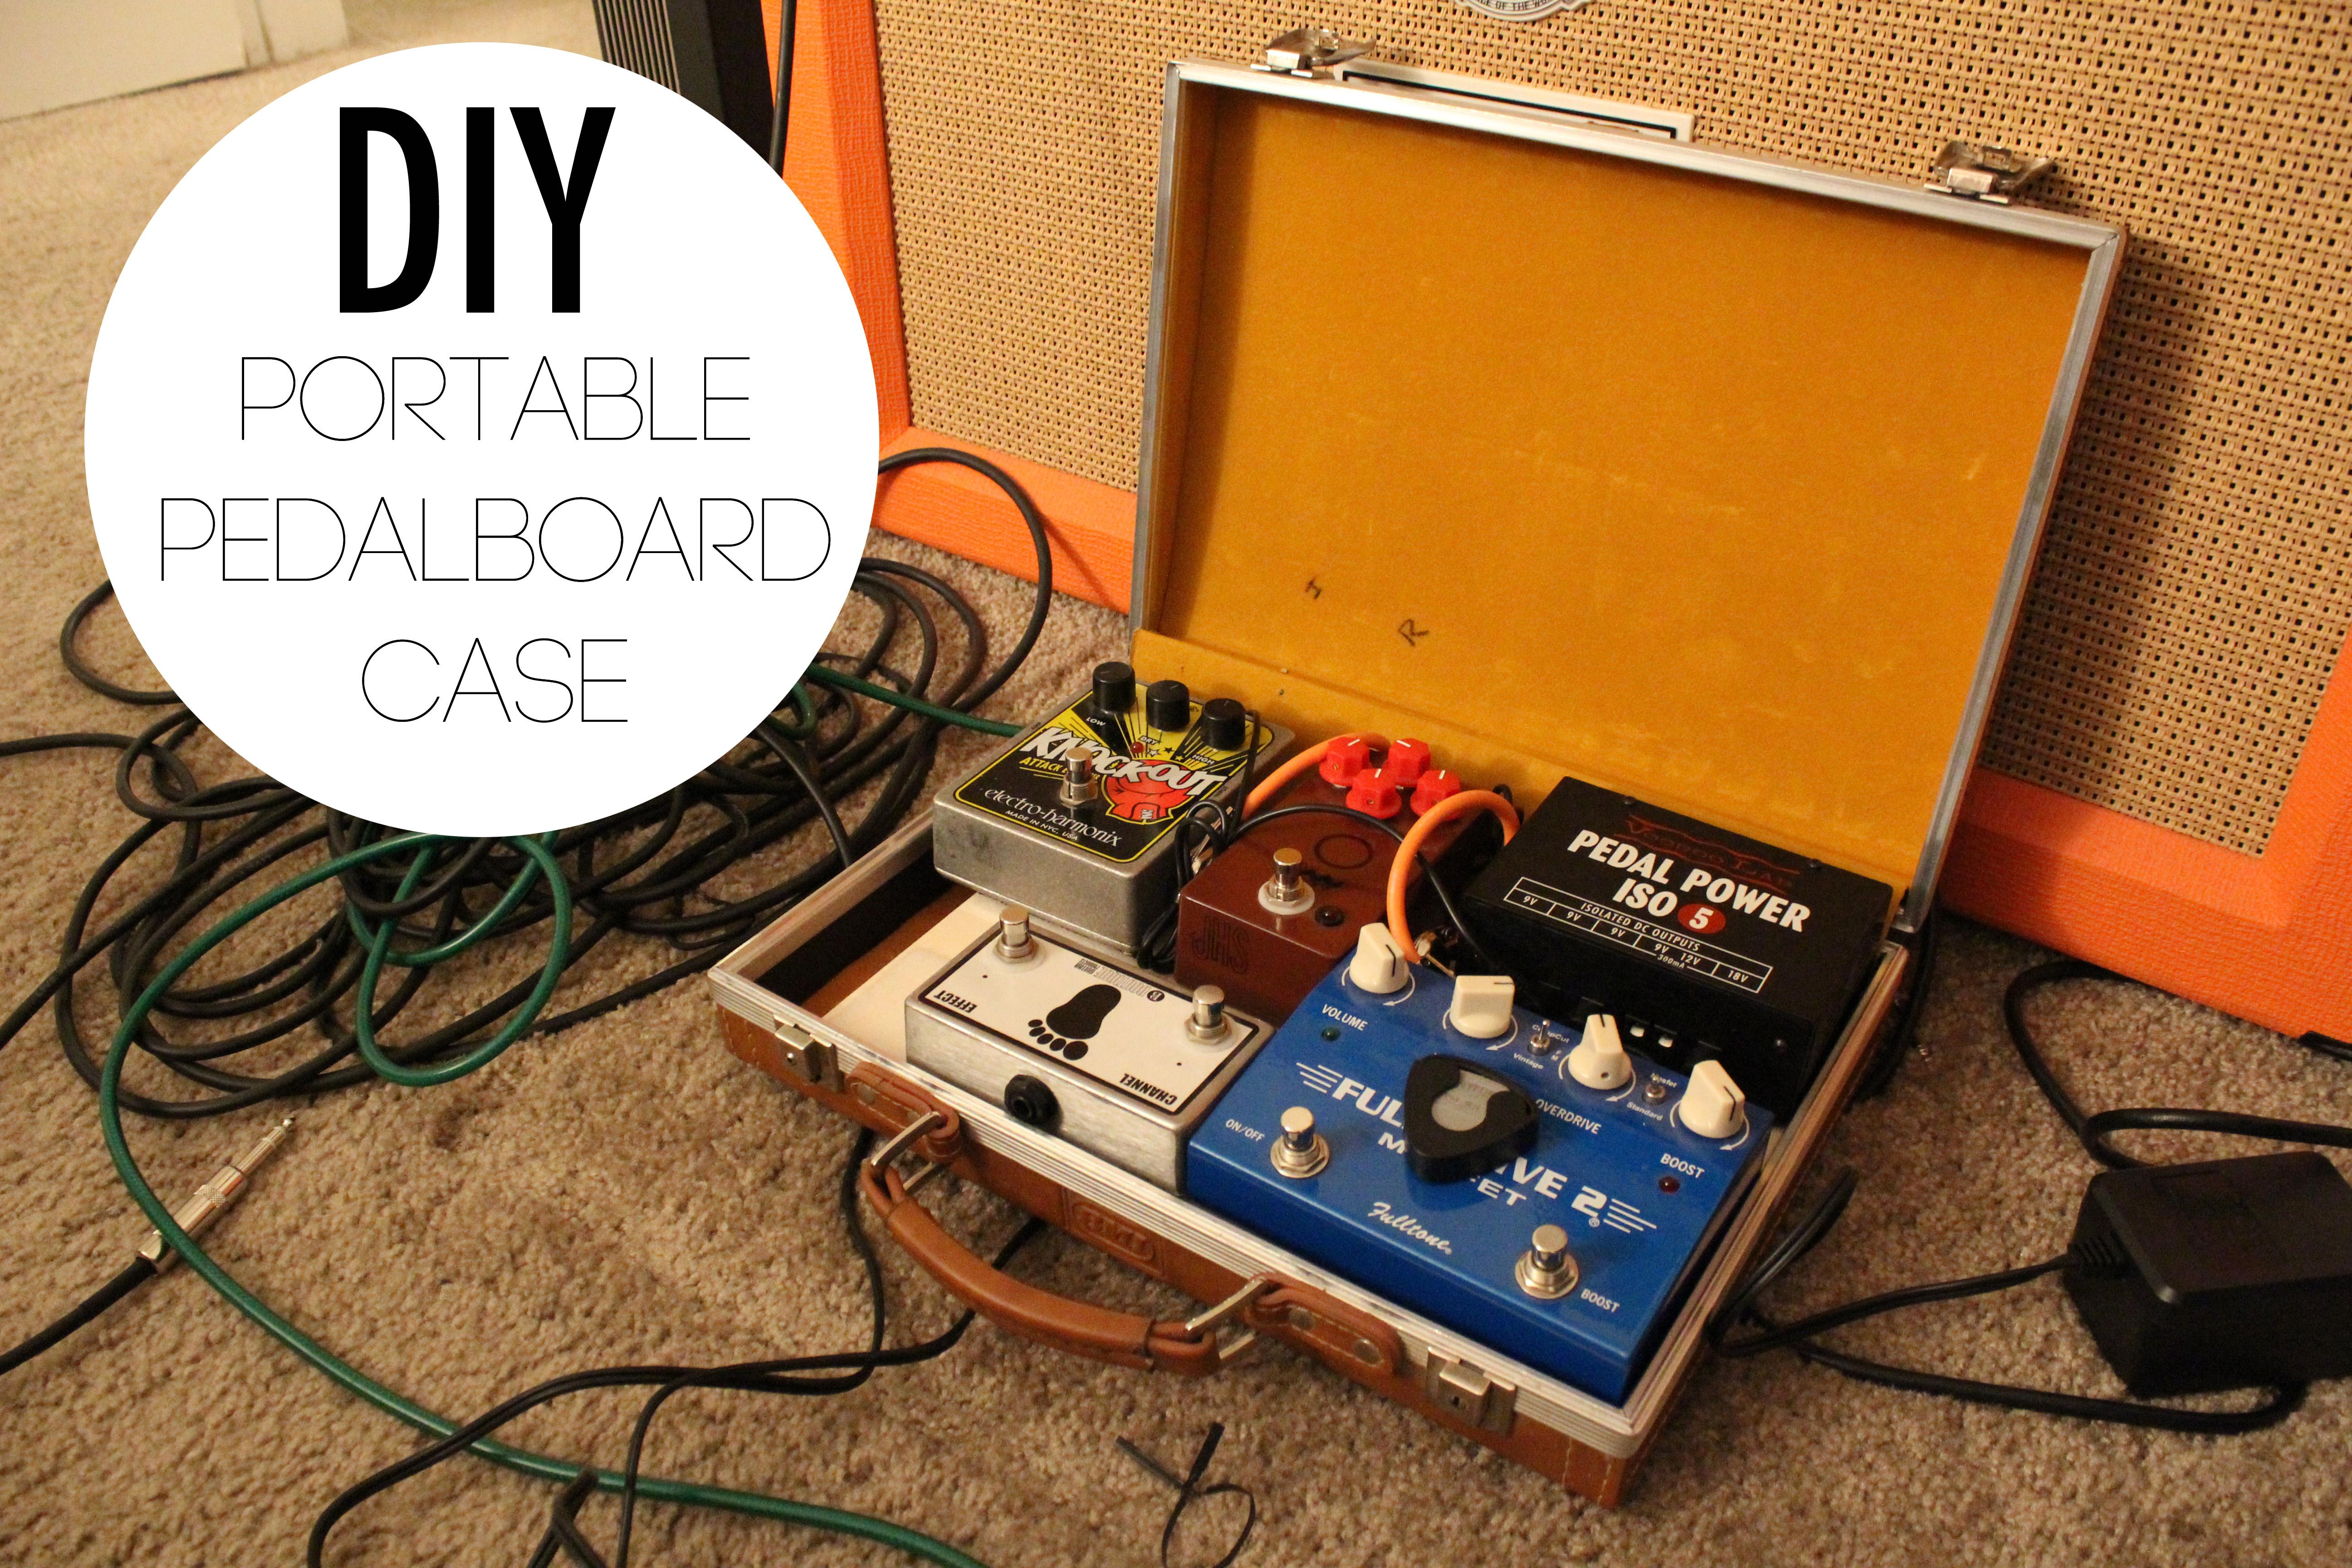 diy portable pedalboard case. Black Bedroom Furniture Sets. Home Design Ideas